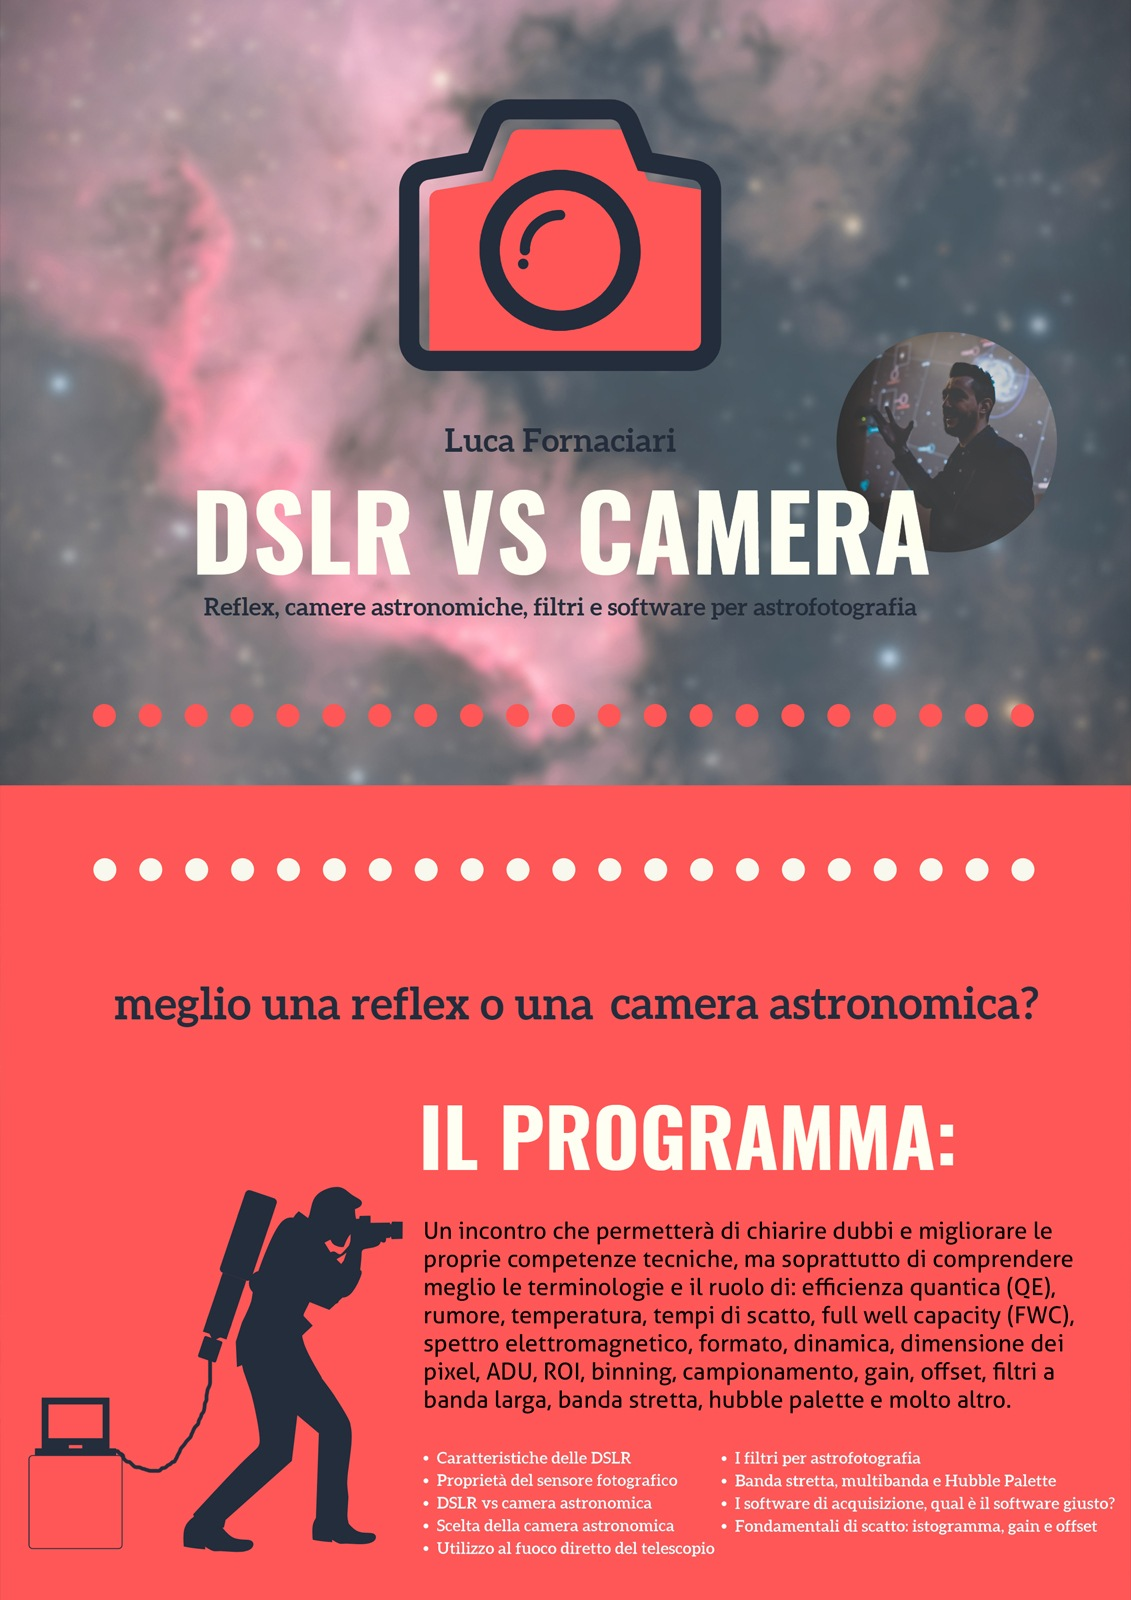 dslr vs cmos meglio reflex mirrorless camera astronomica ccd modificata modifica